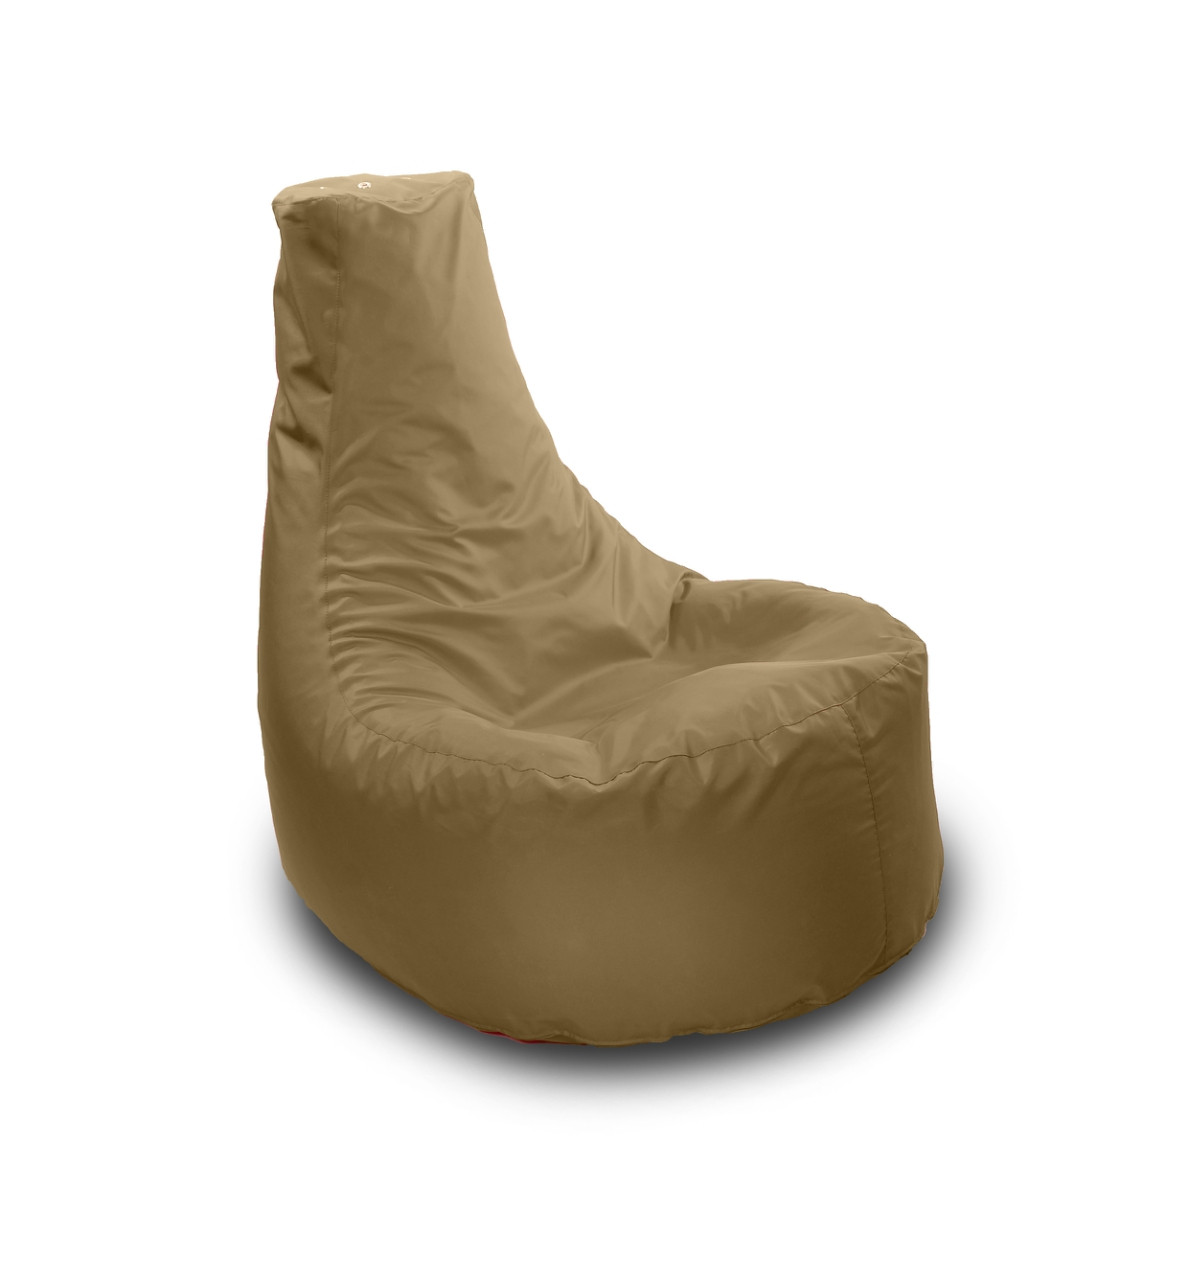 """Серое бескаркасное кресло-мешок Кайф из Оксфорда - Интернет-магазин """"LaPufic""""   +380 98 06 33 565 в Николаеве"""